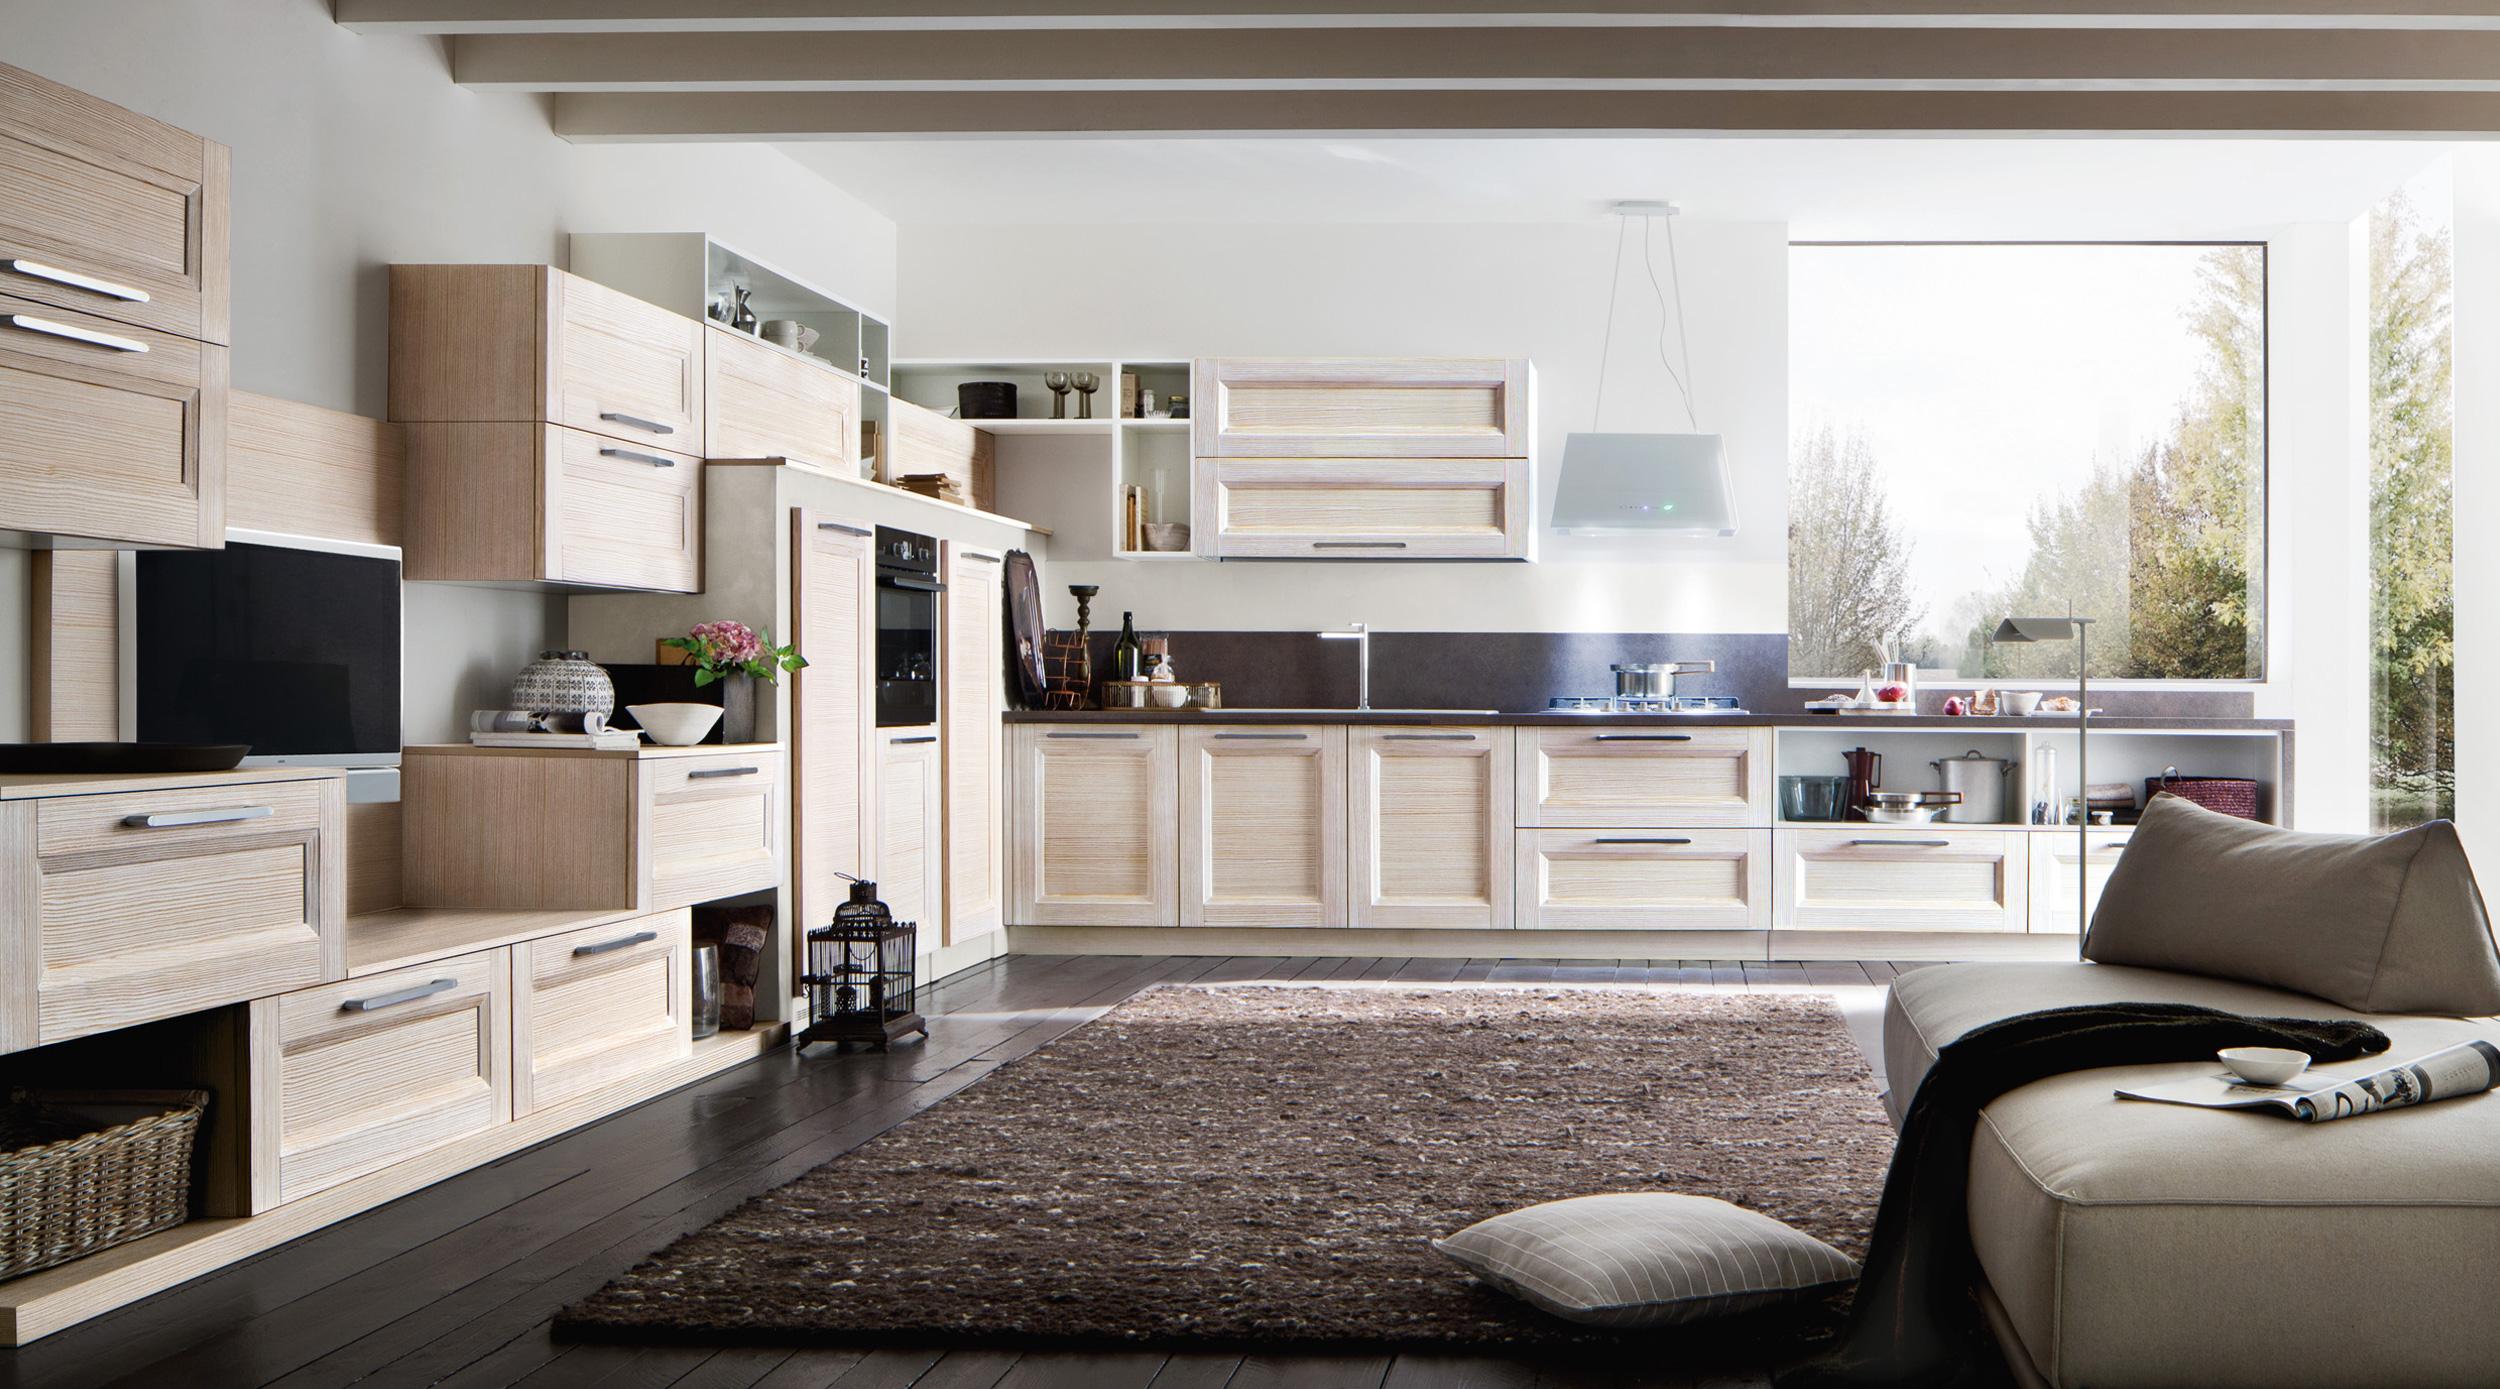 Ar tre vela cucine componibili finiture lussuose ed esclusivi accessori - Cucine lussuose moderne ...